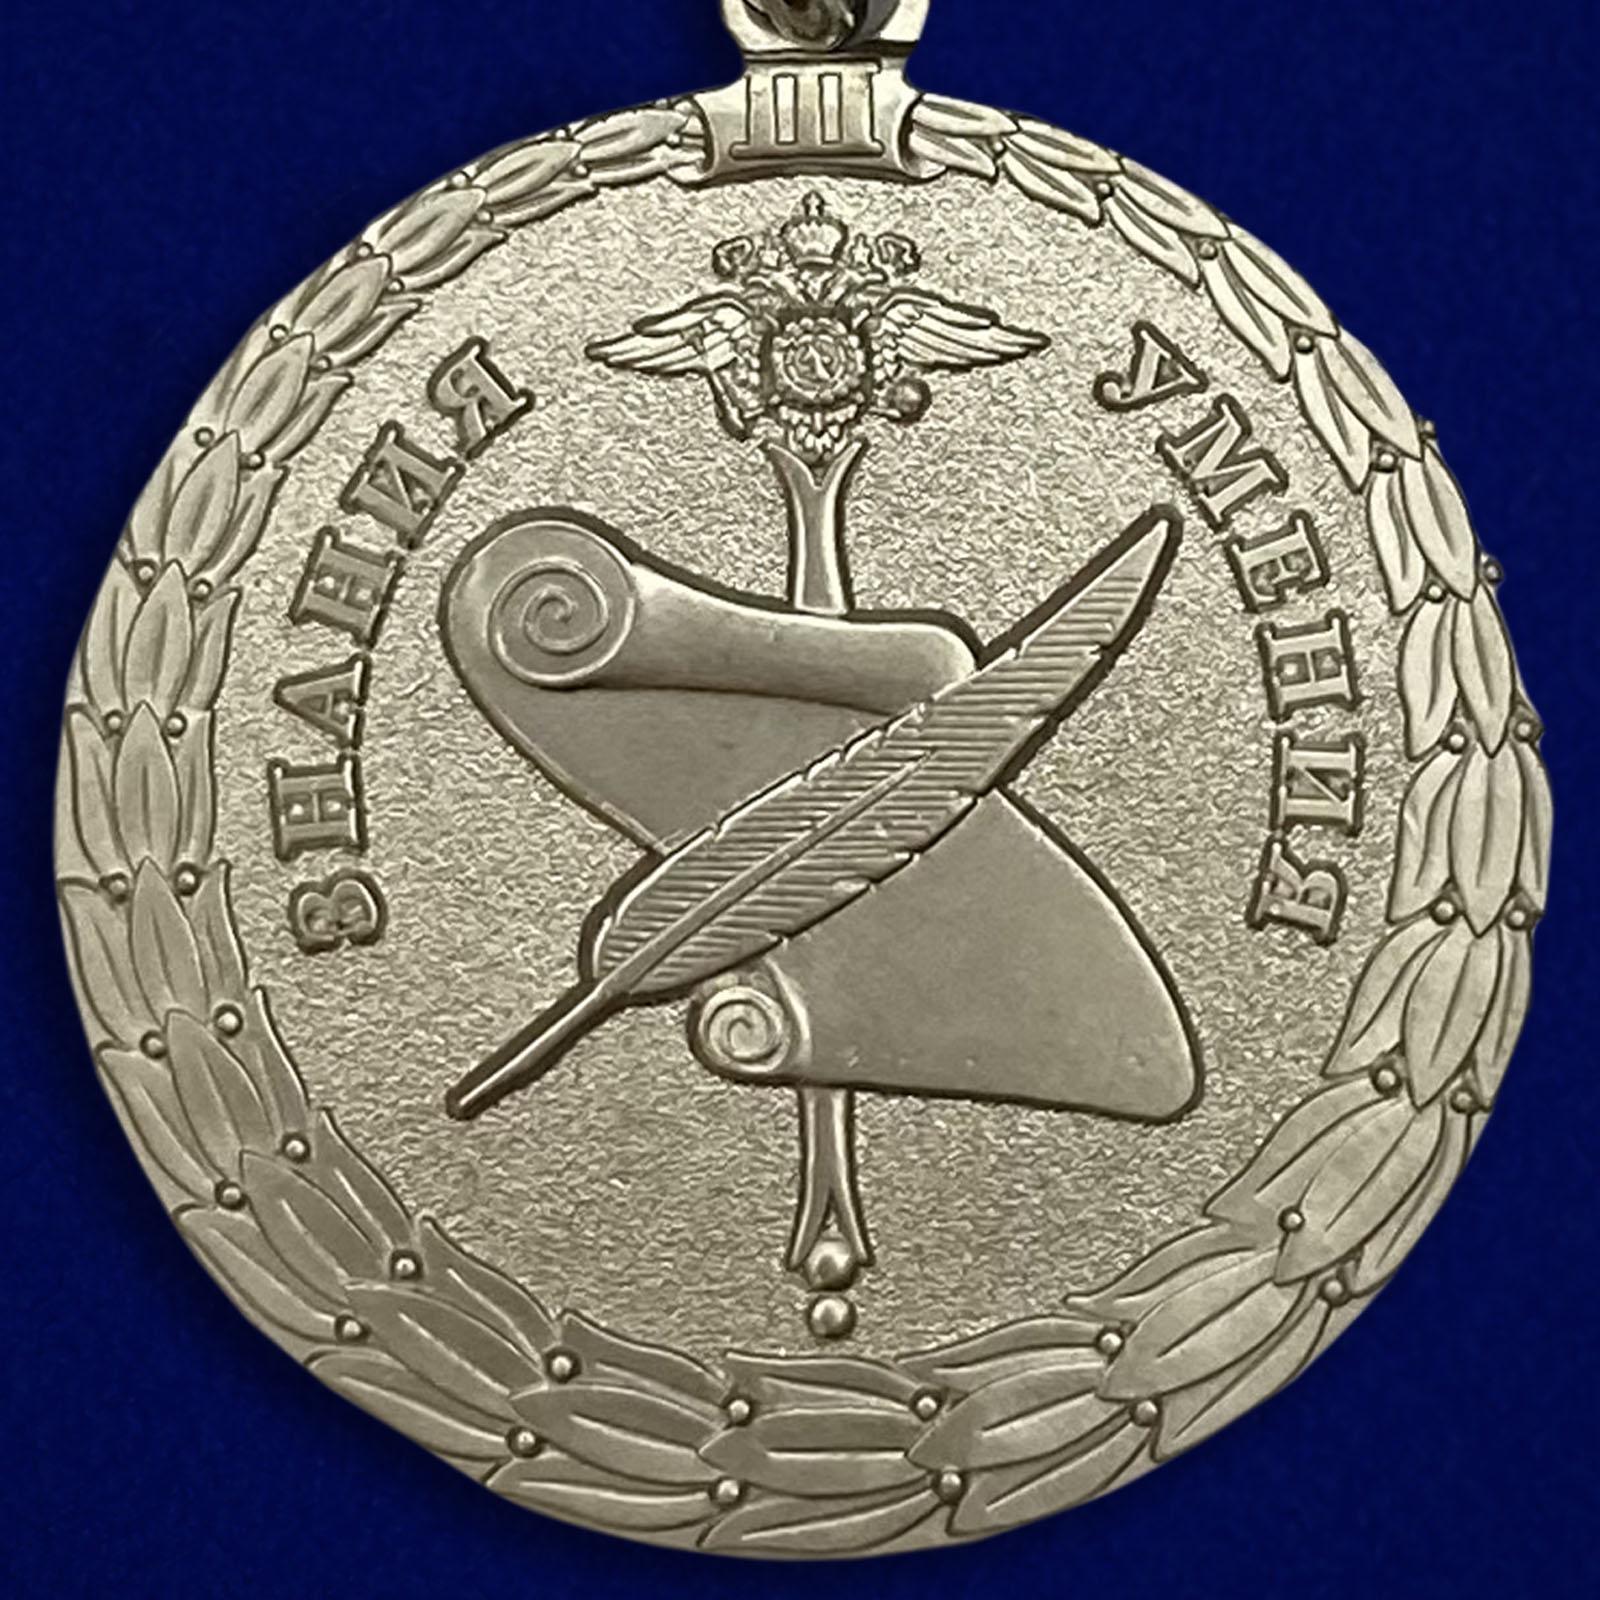 Медаль МВД России Управленческая деятельность 3 степени